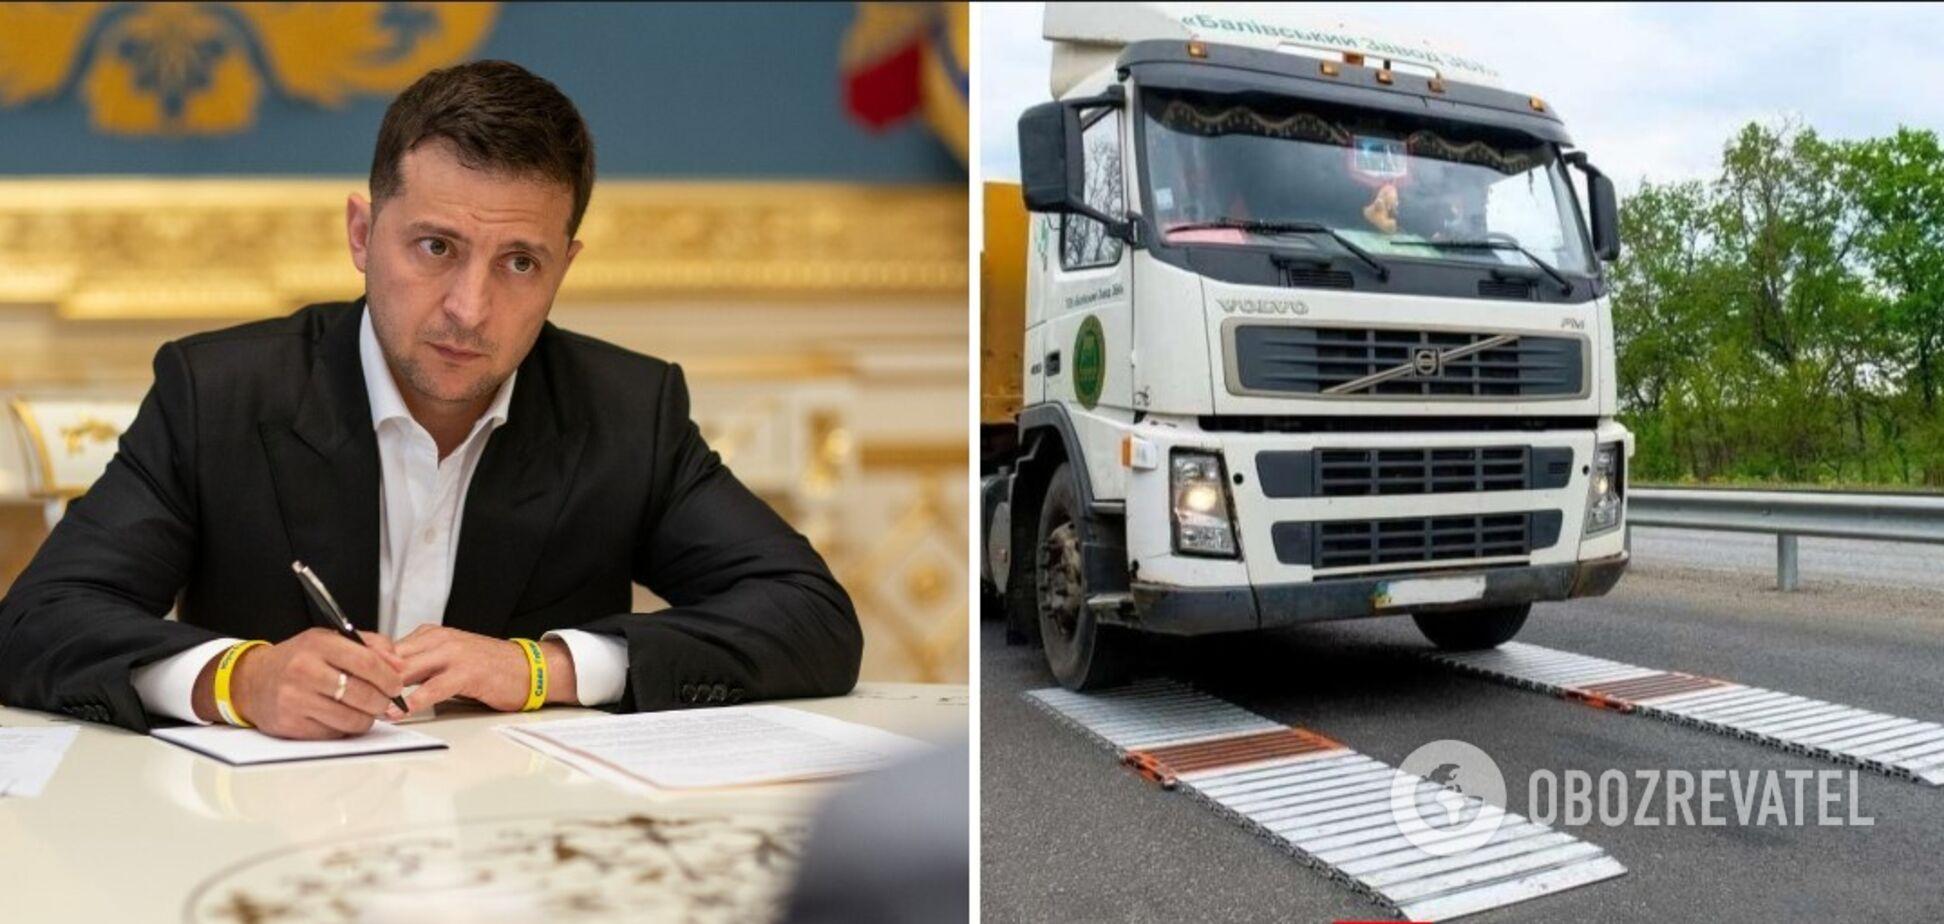 Зеленский подписал закон об автофиксации нарушений габаритно-весовых норм